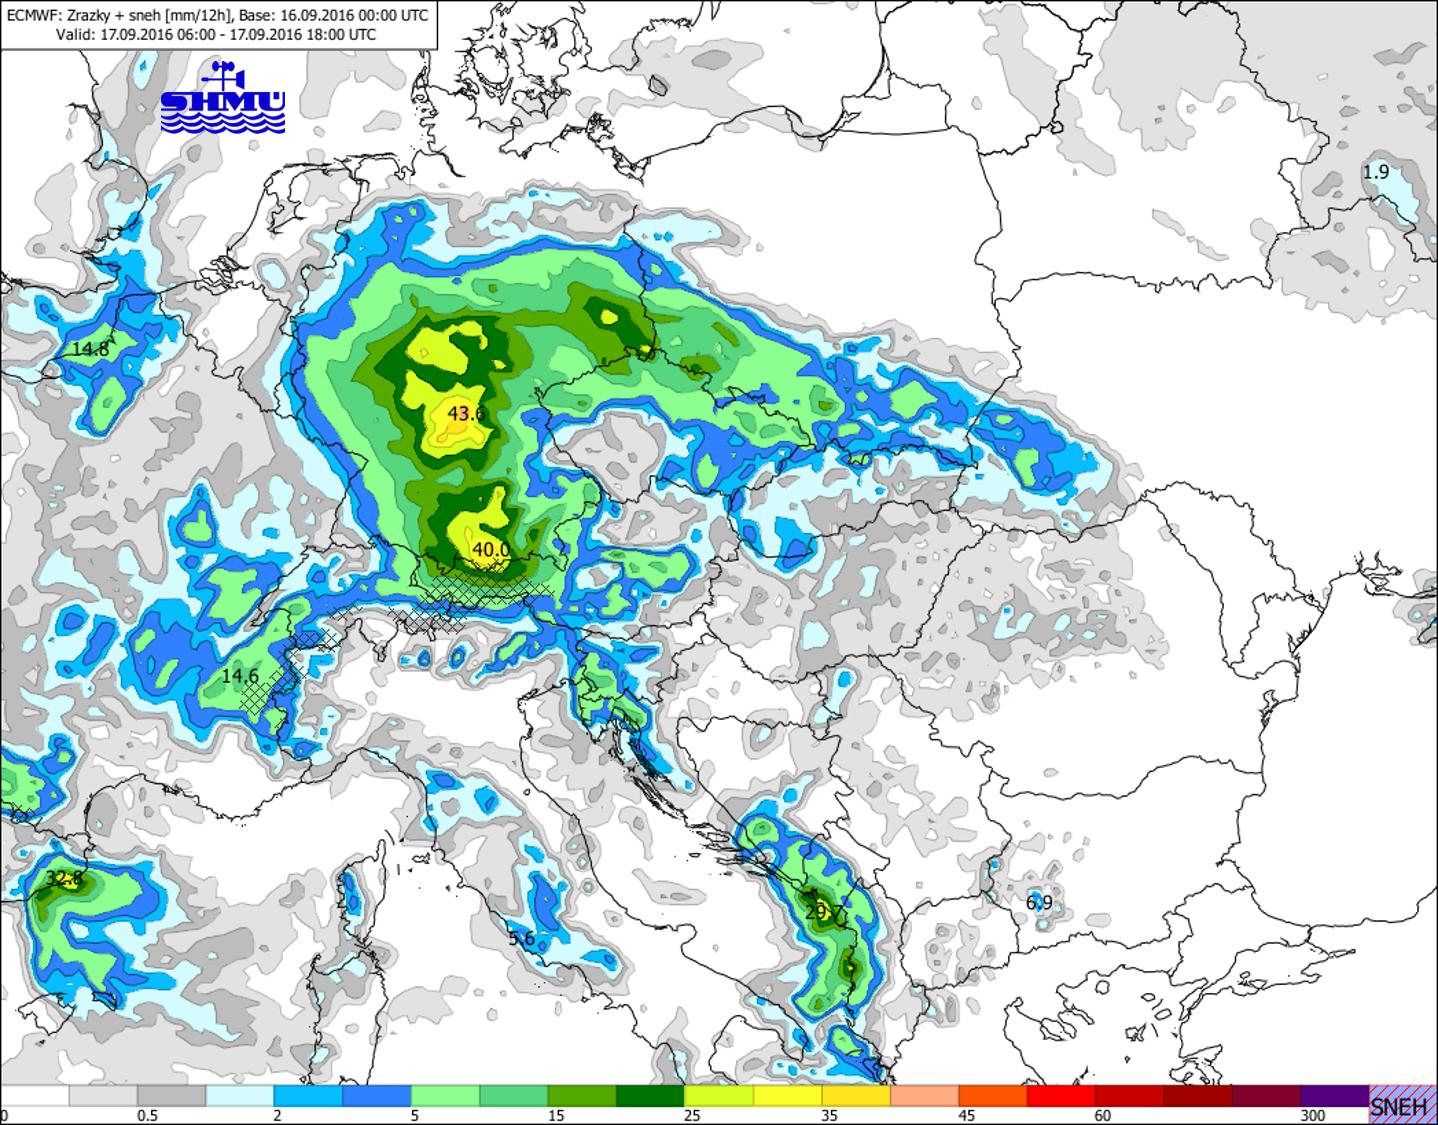 1d2ebcaf0 Obr. 3b: Predpoveď úhrnu zrážok v sobotu 17.9. od 8:00 do 20:00 LSEČ v  období od 8:00 do 20:00 LSEČ podľa modelu ECMWF.